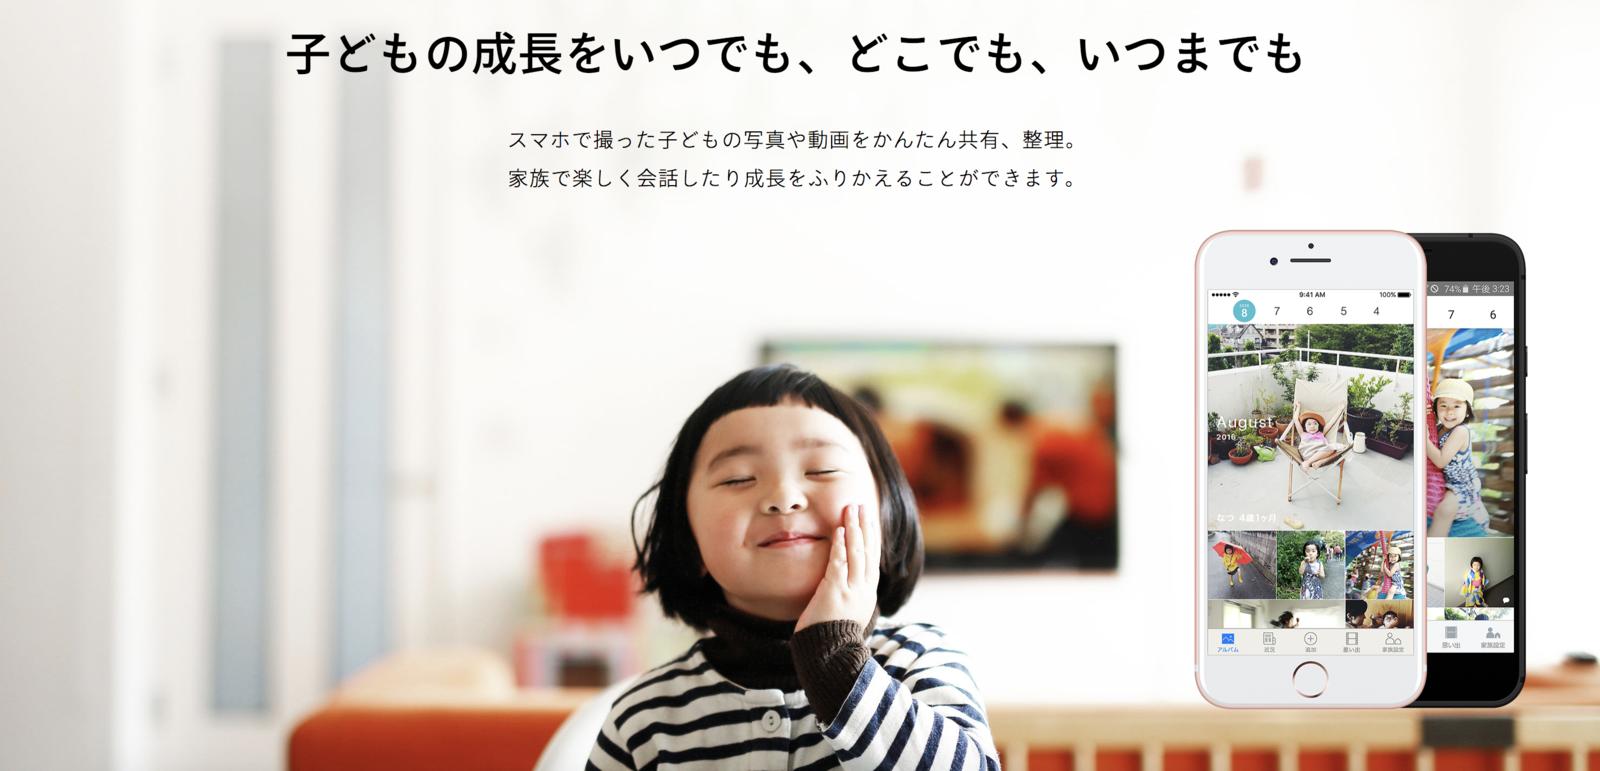 家族アルバム『みてね』を一緒に成長させるアプリ開発エンジニアを募集!